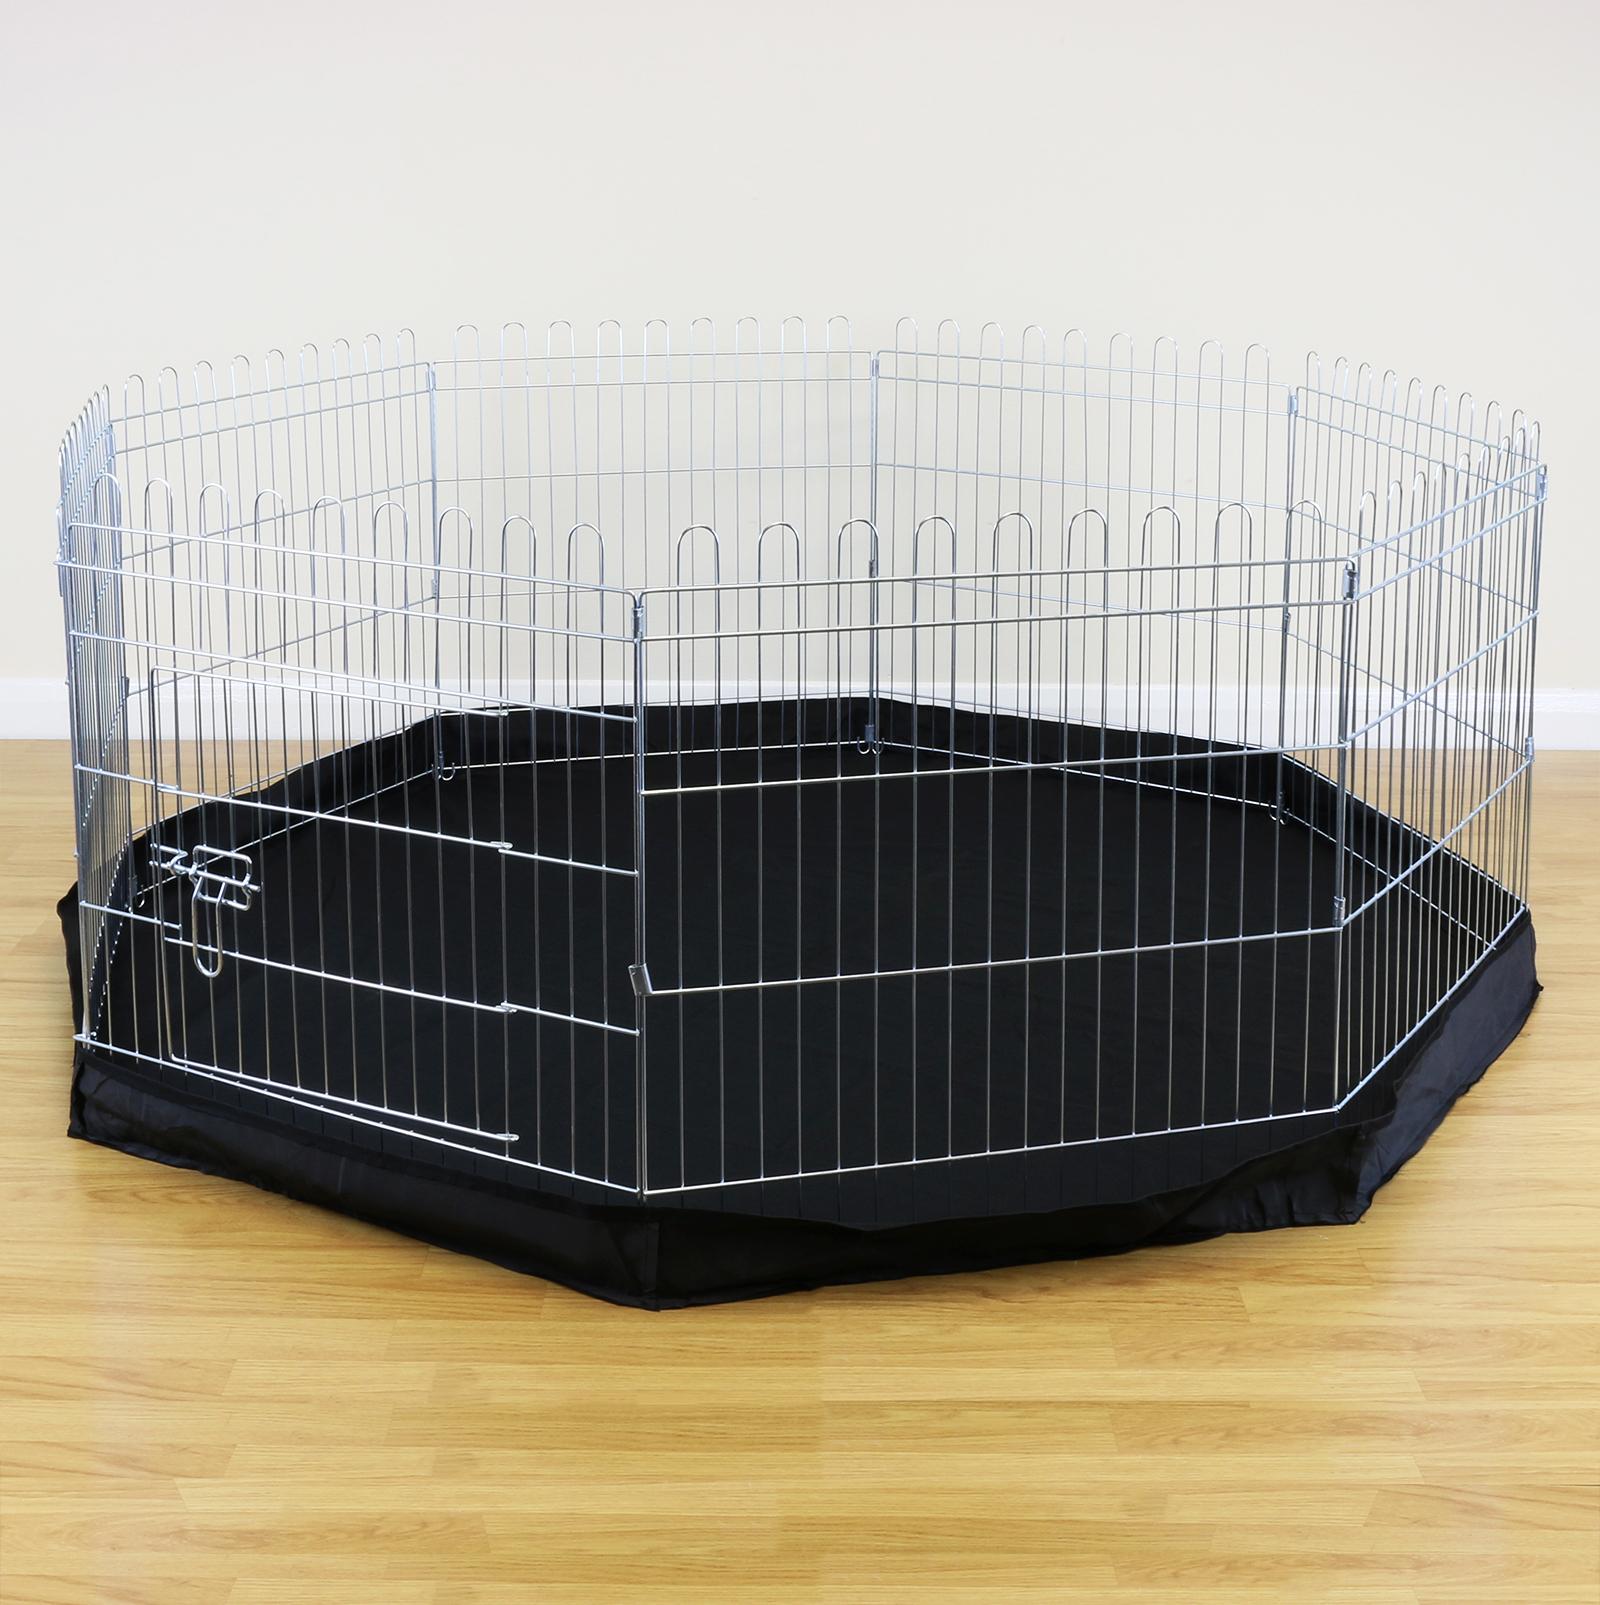 8 Sided Pet Playpen Cage Amp Mat Indoor Outdoor Garden Run